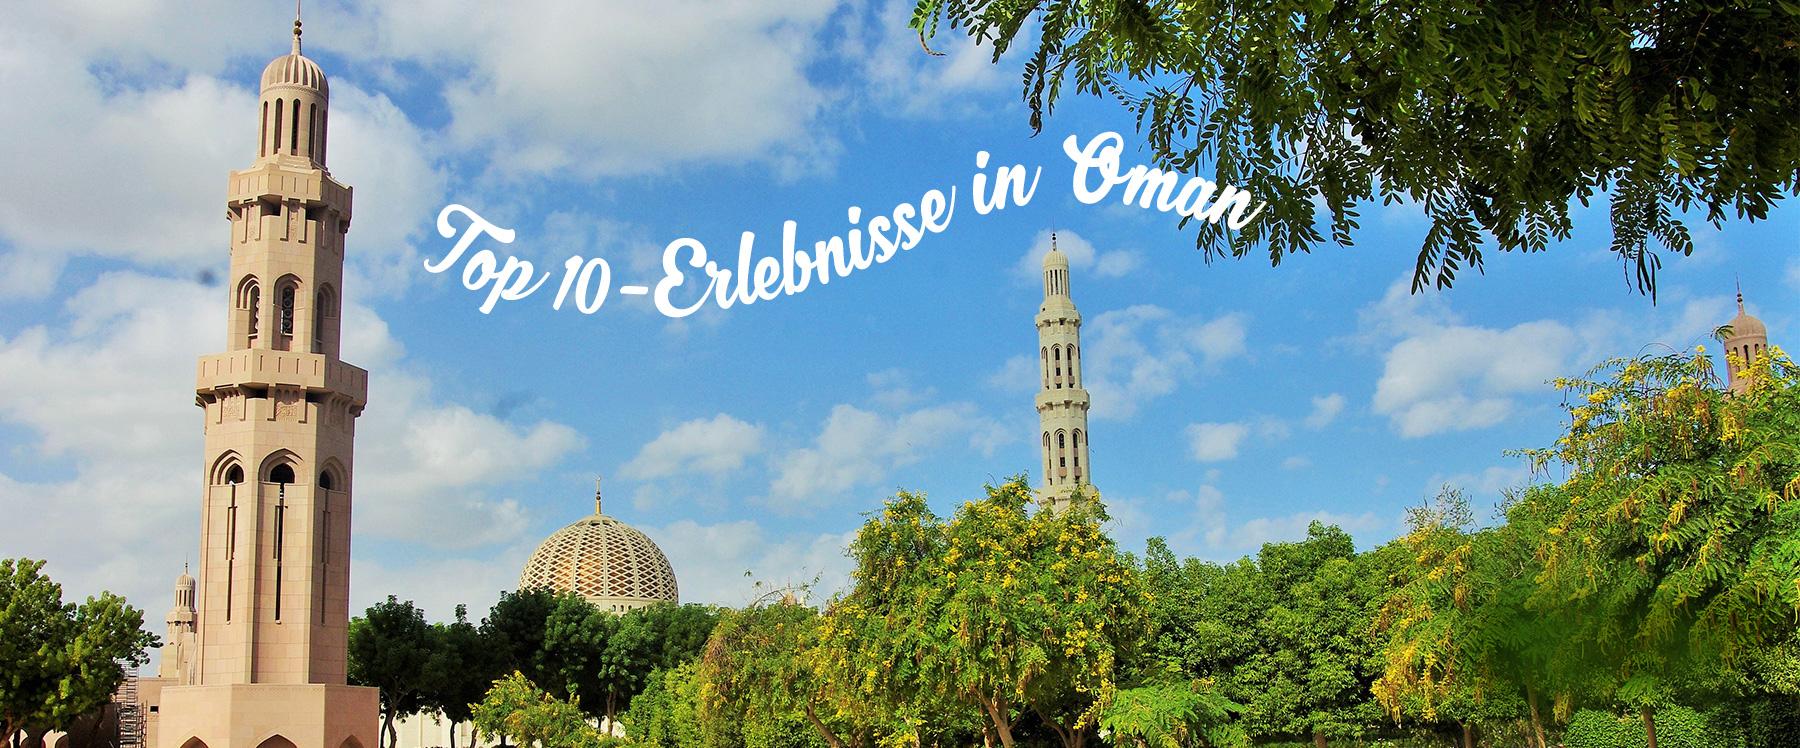 TOP 10 experiences in Oman